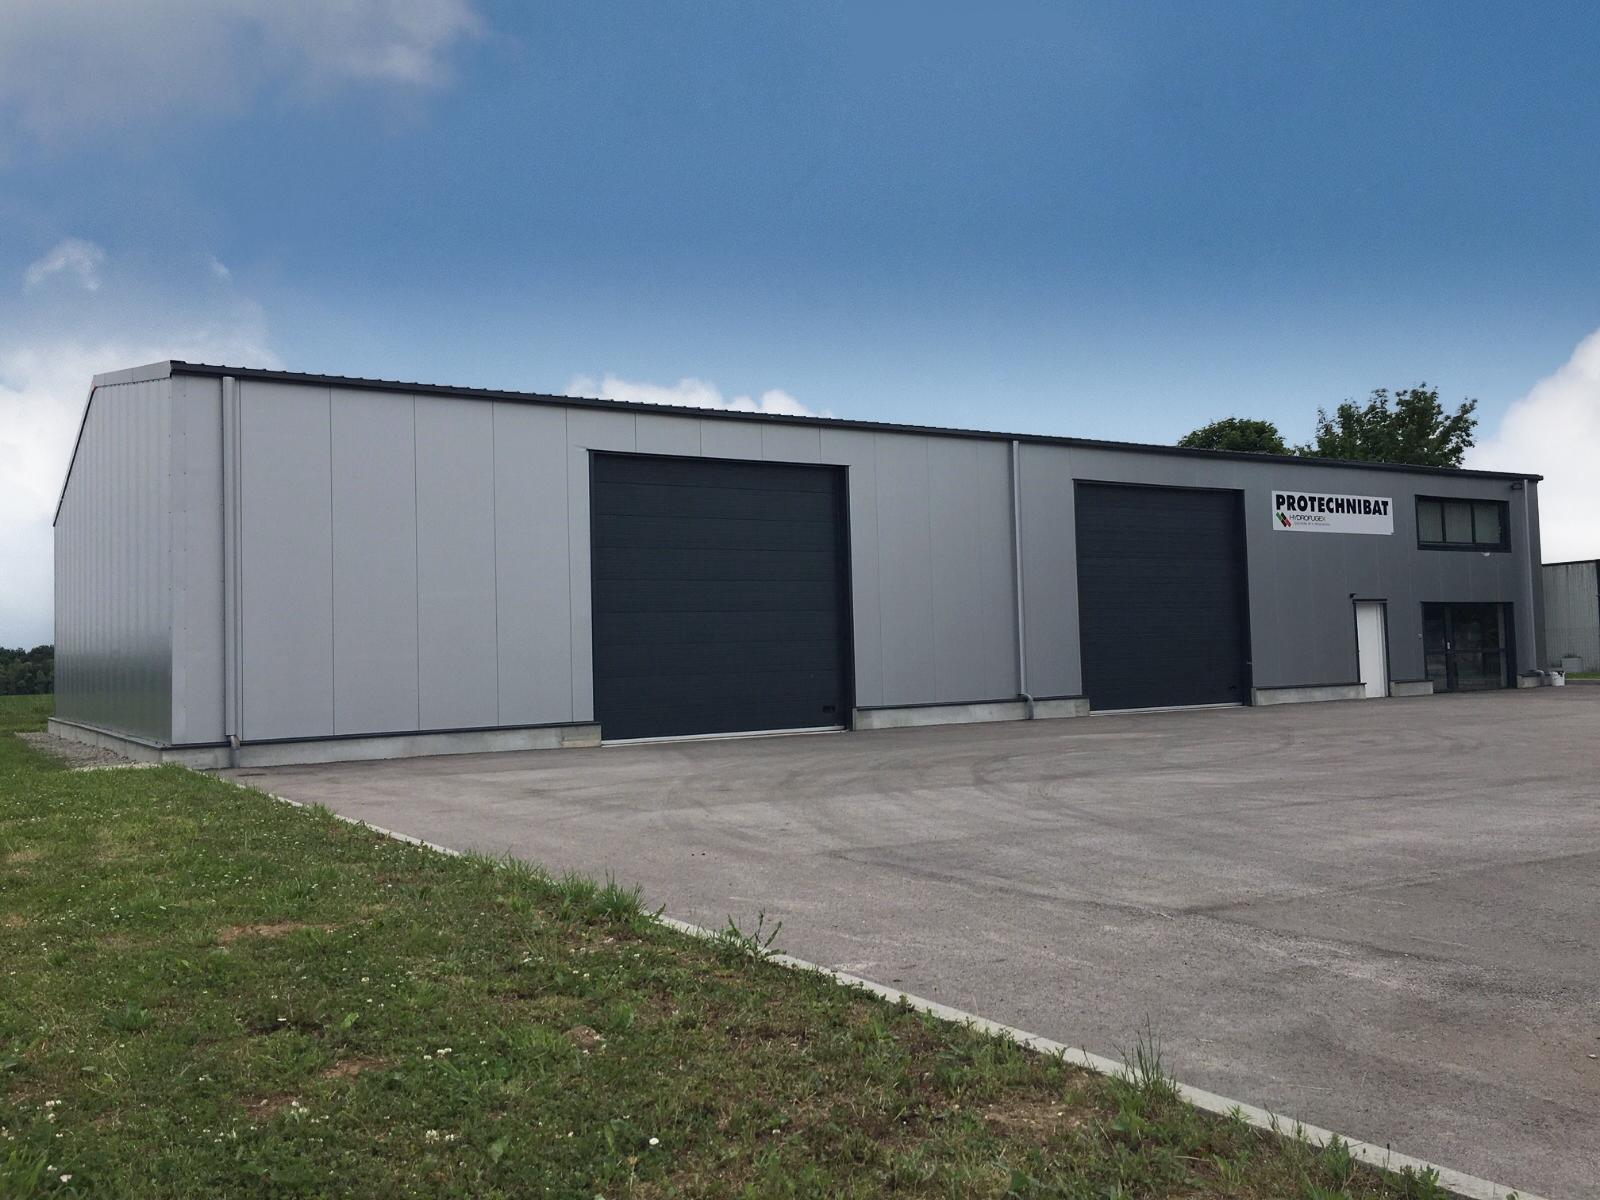 Frisomat bouwde een opslag- en kantoorruimte voor de firma Hydrofugex, in La Loyère (71) in West-Frankrijk.